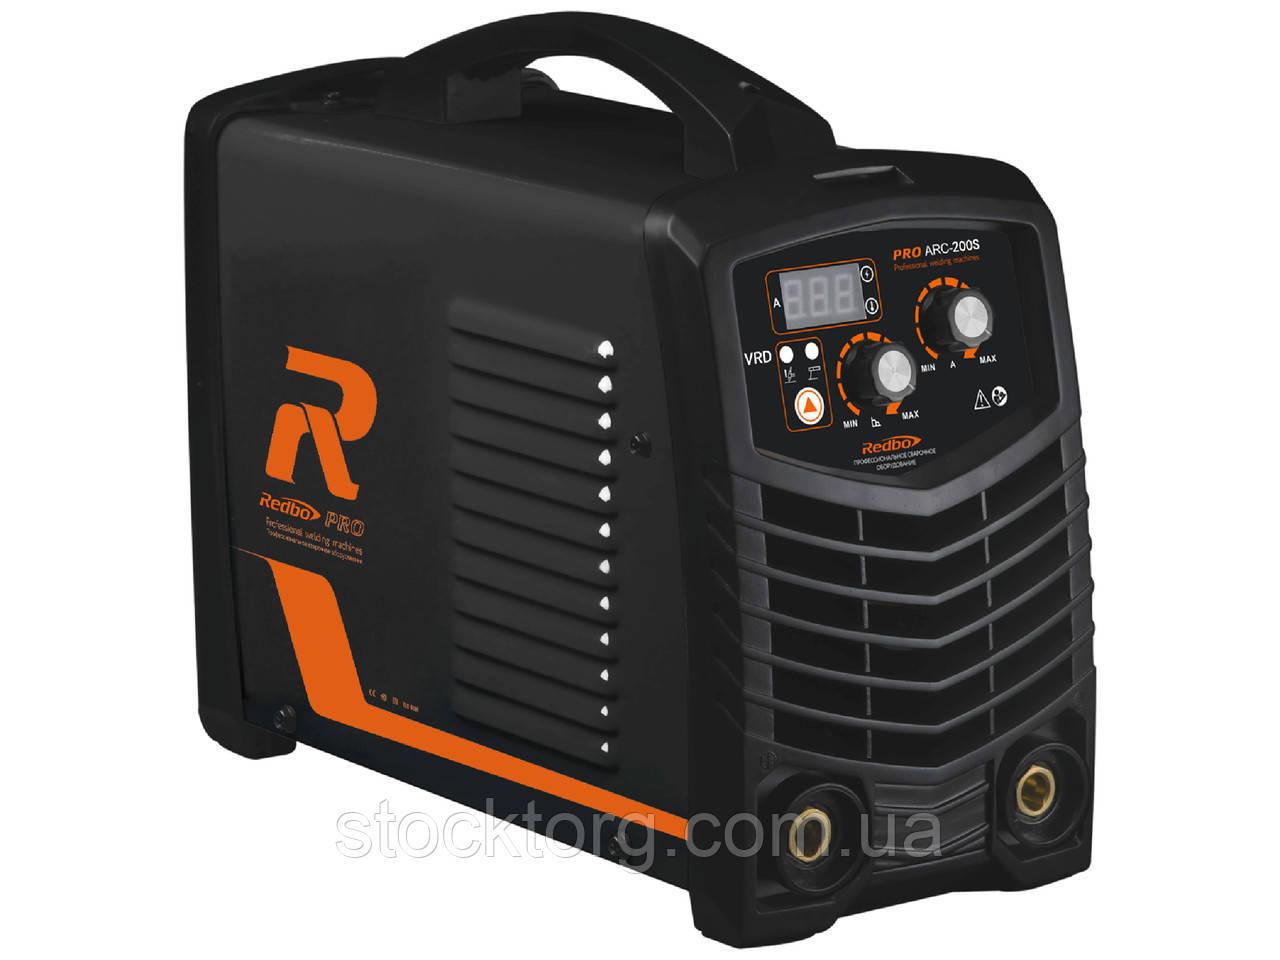 Зварювальний інвертор Redbo PRO ARC-250S